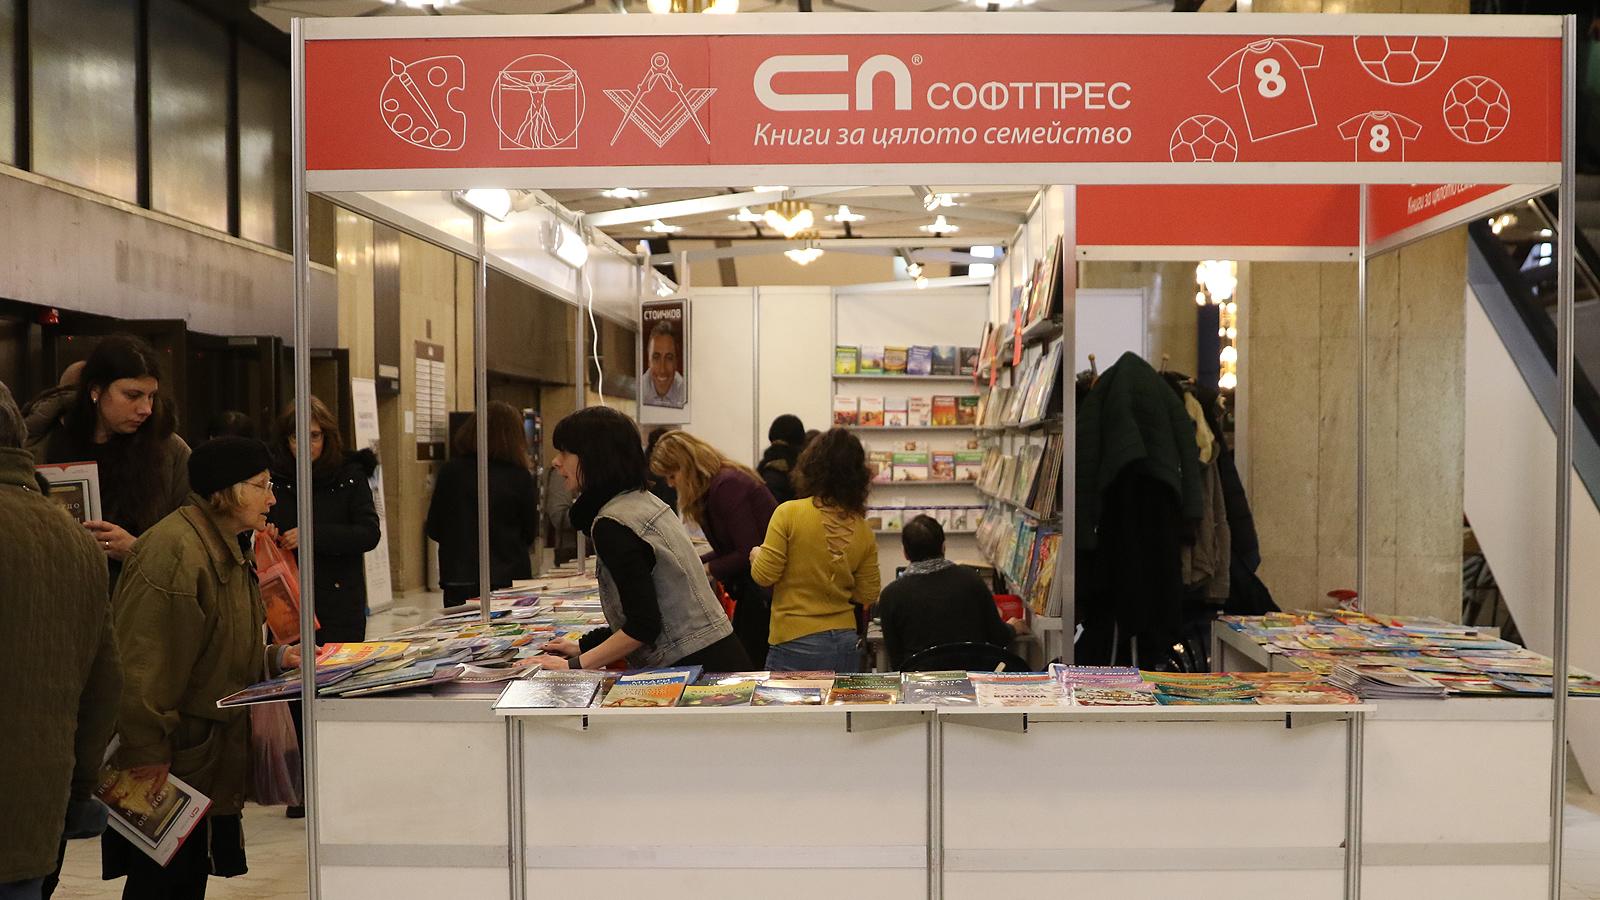 46 - ти Софийски международен панаир на книгата в НДК